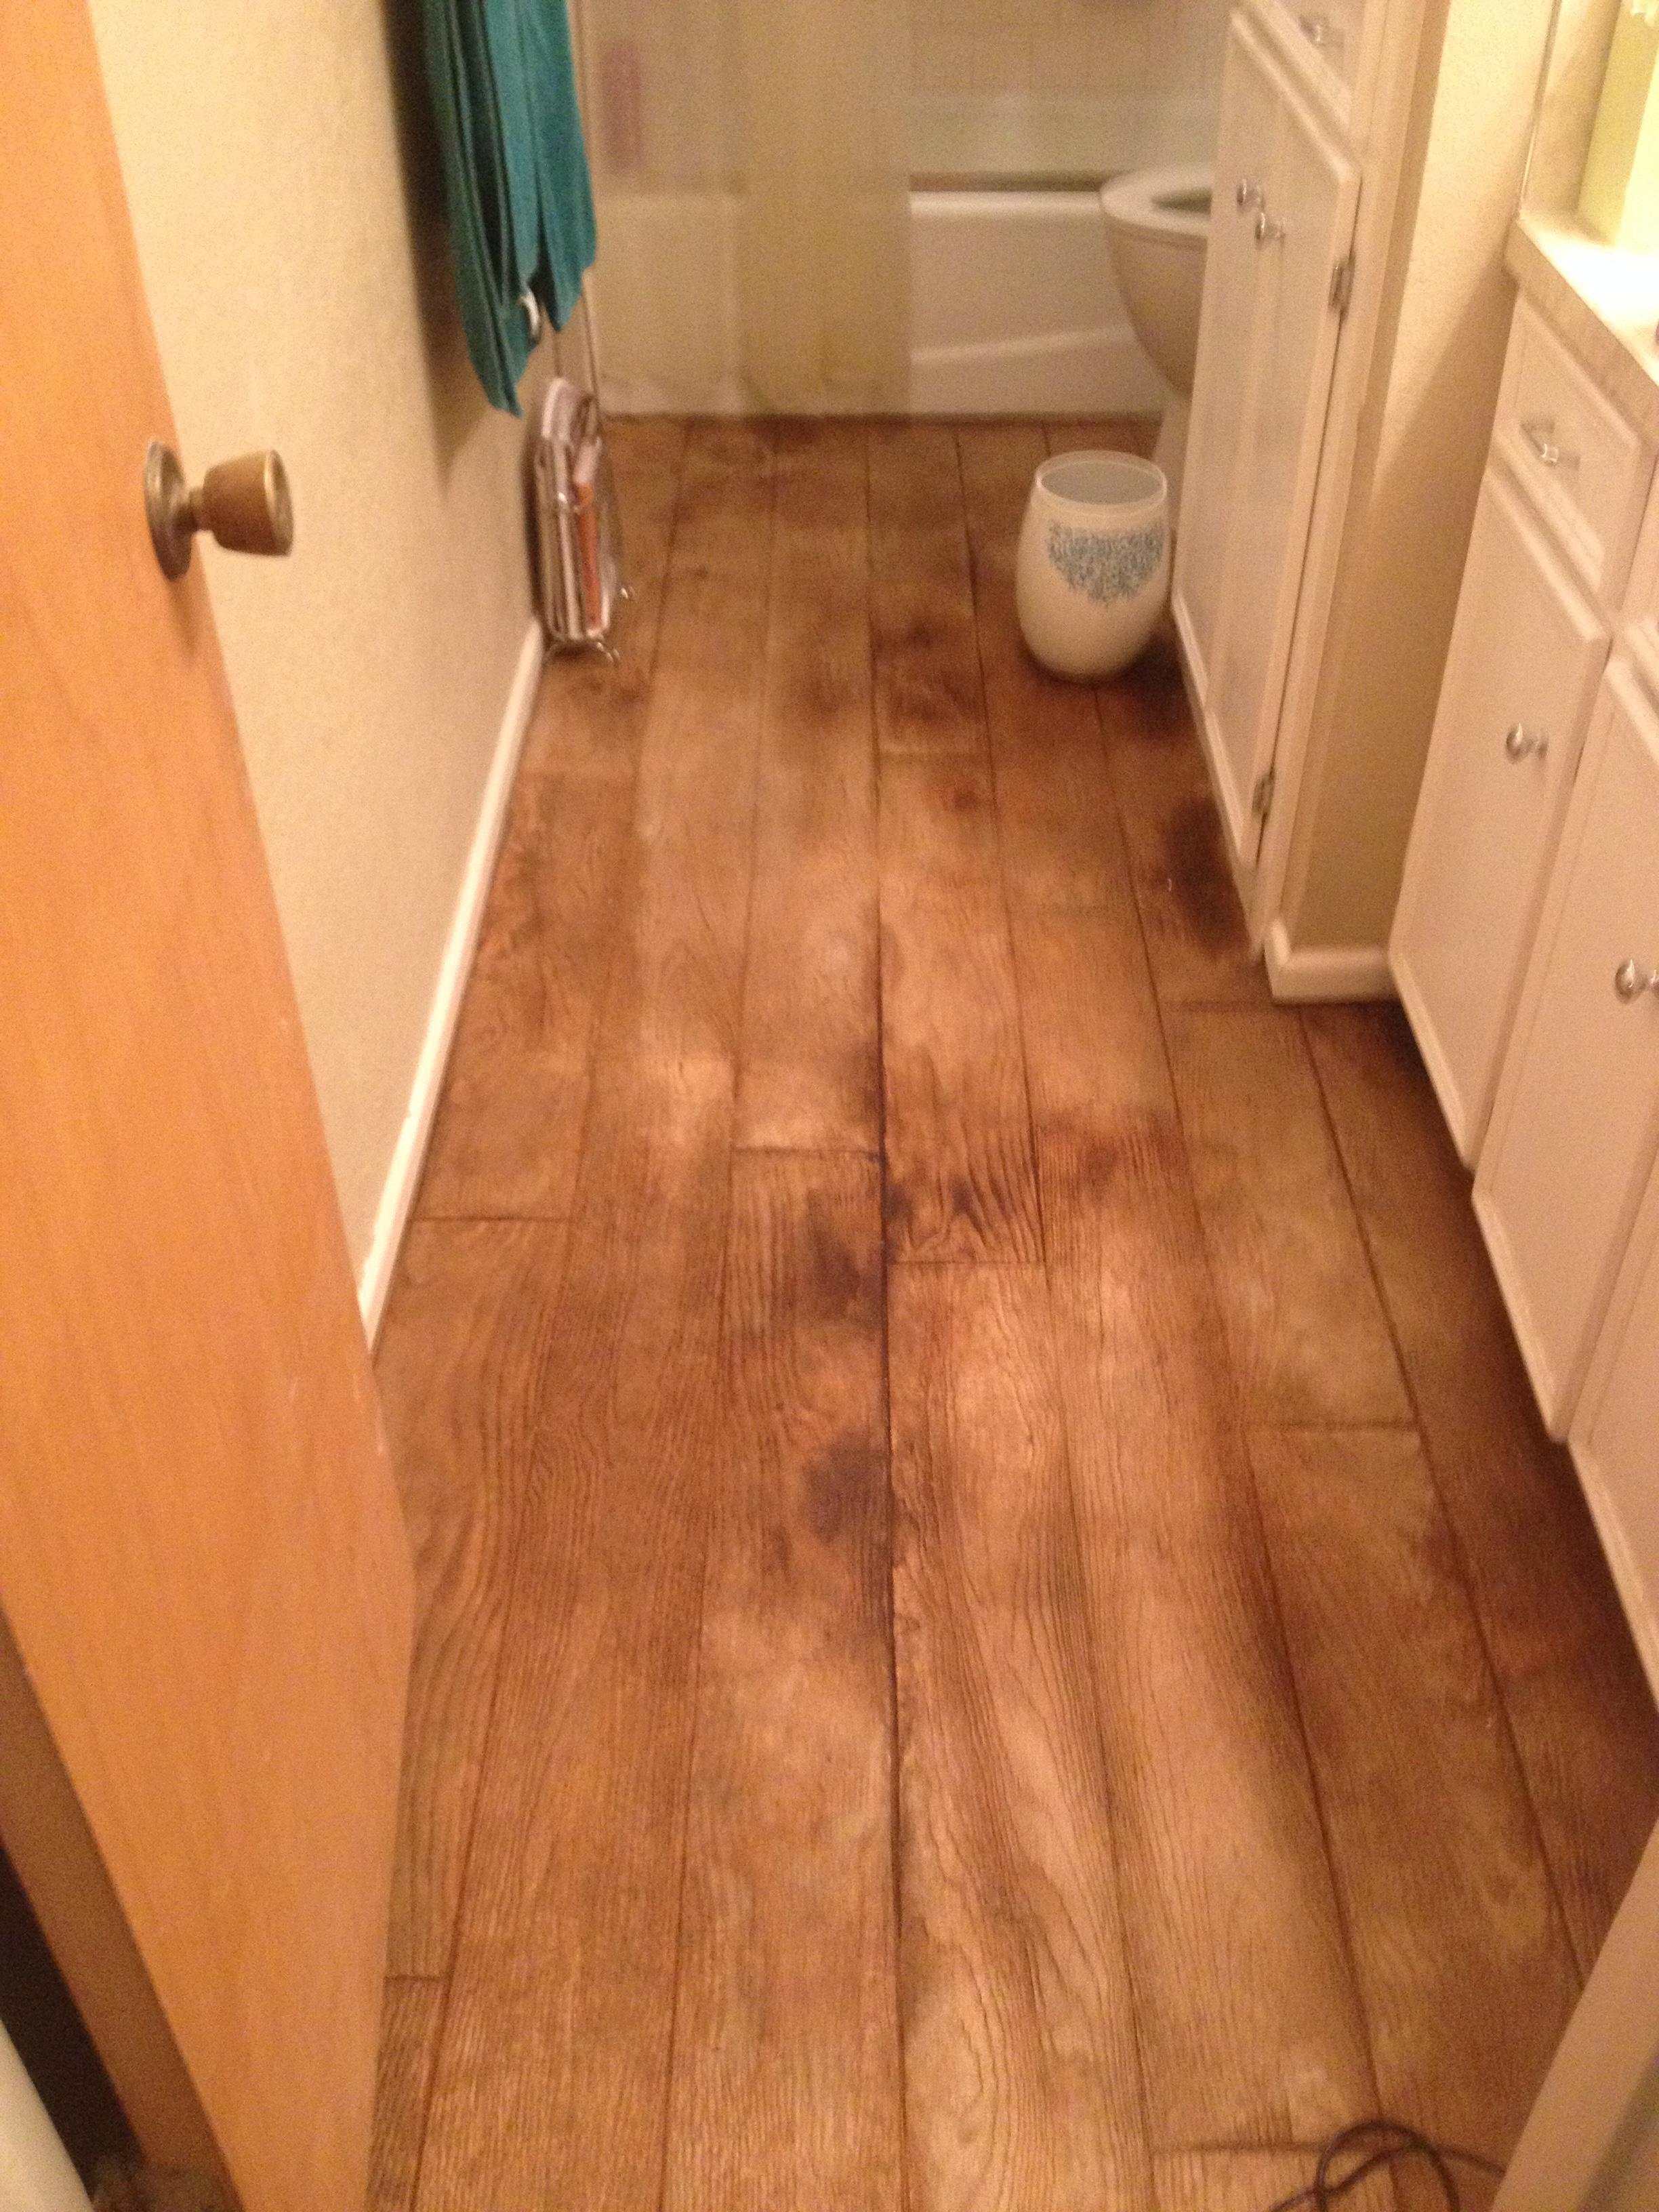 Residential bathroom floor